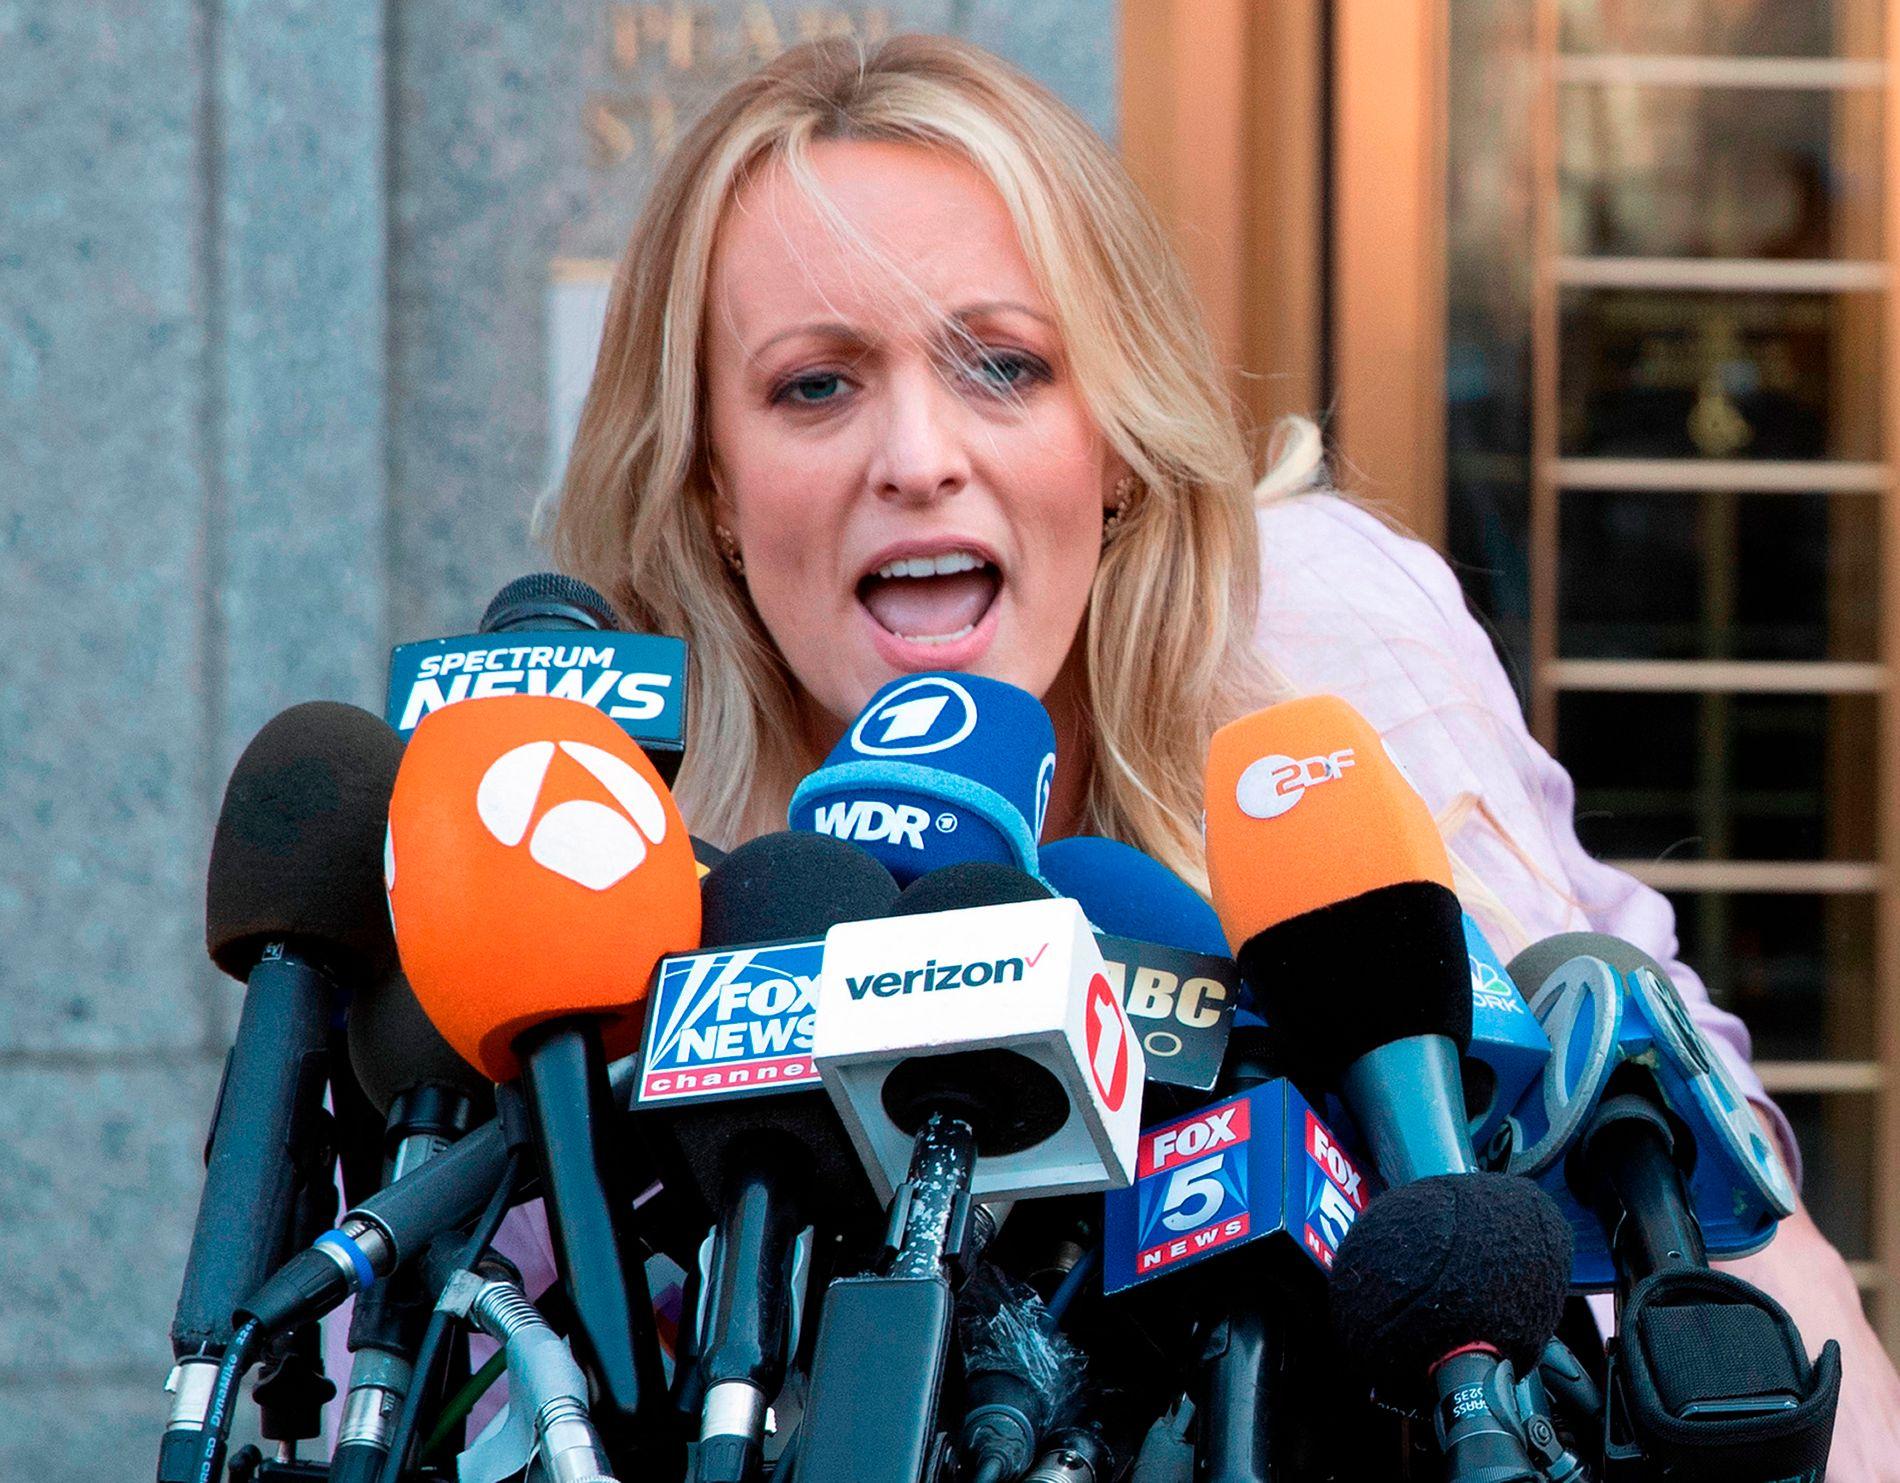 Stephanie Clifford, bedre kjent under artistnavnet Stormy Daniels, saksøker president Donald Trump for ærekrenkelser.  Hun har tidligere gått til søksmål mot Trump og hans advokat Michael Cohen.